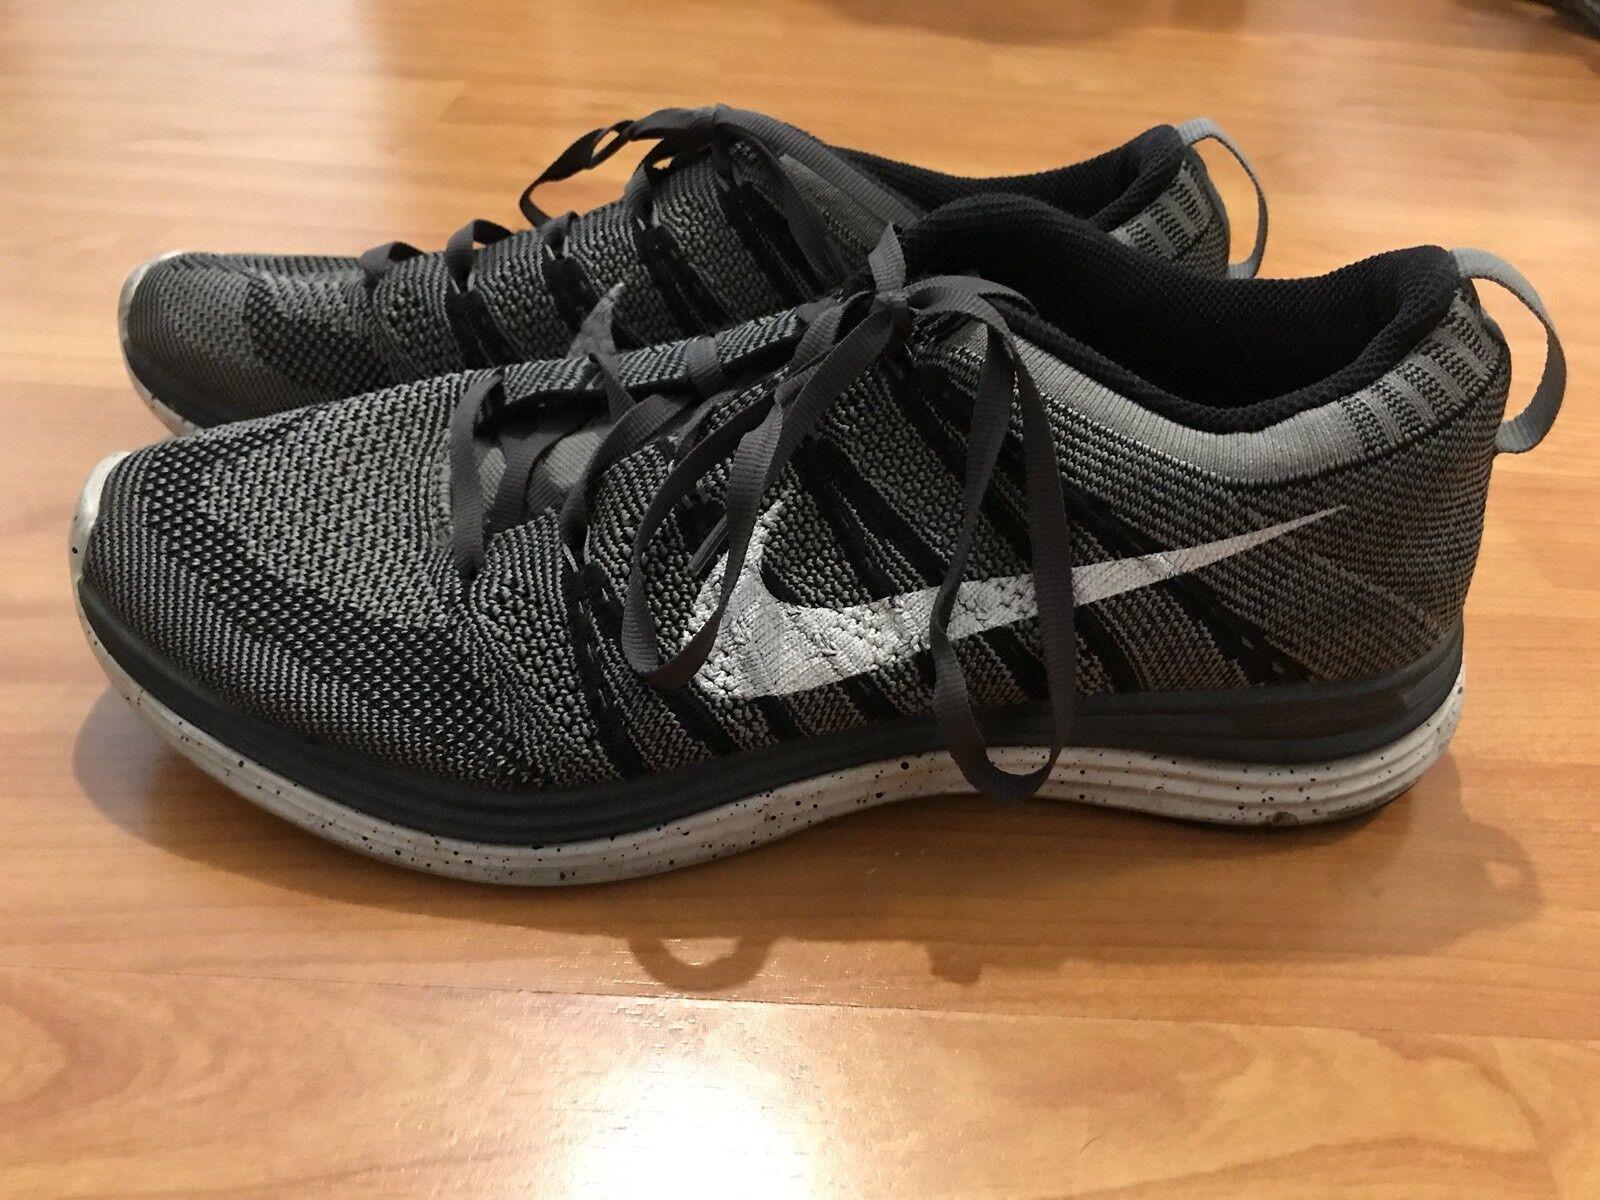 Nike flyknit lunare uno + grigio antracite oreo misura 8,5 8,5 misura d57774